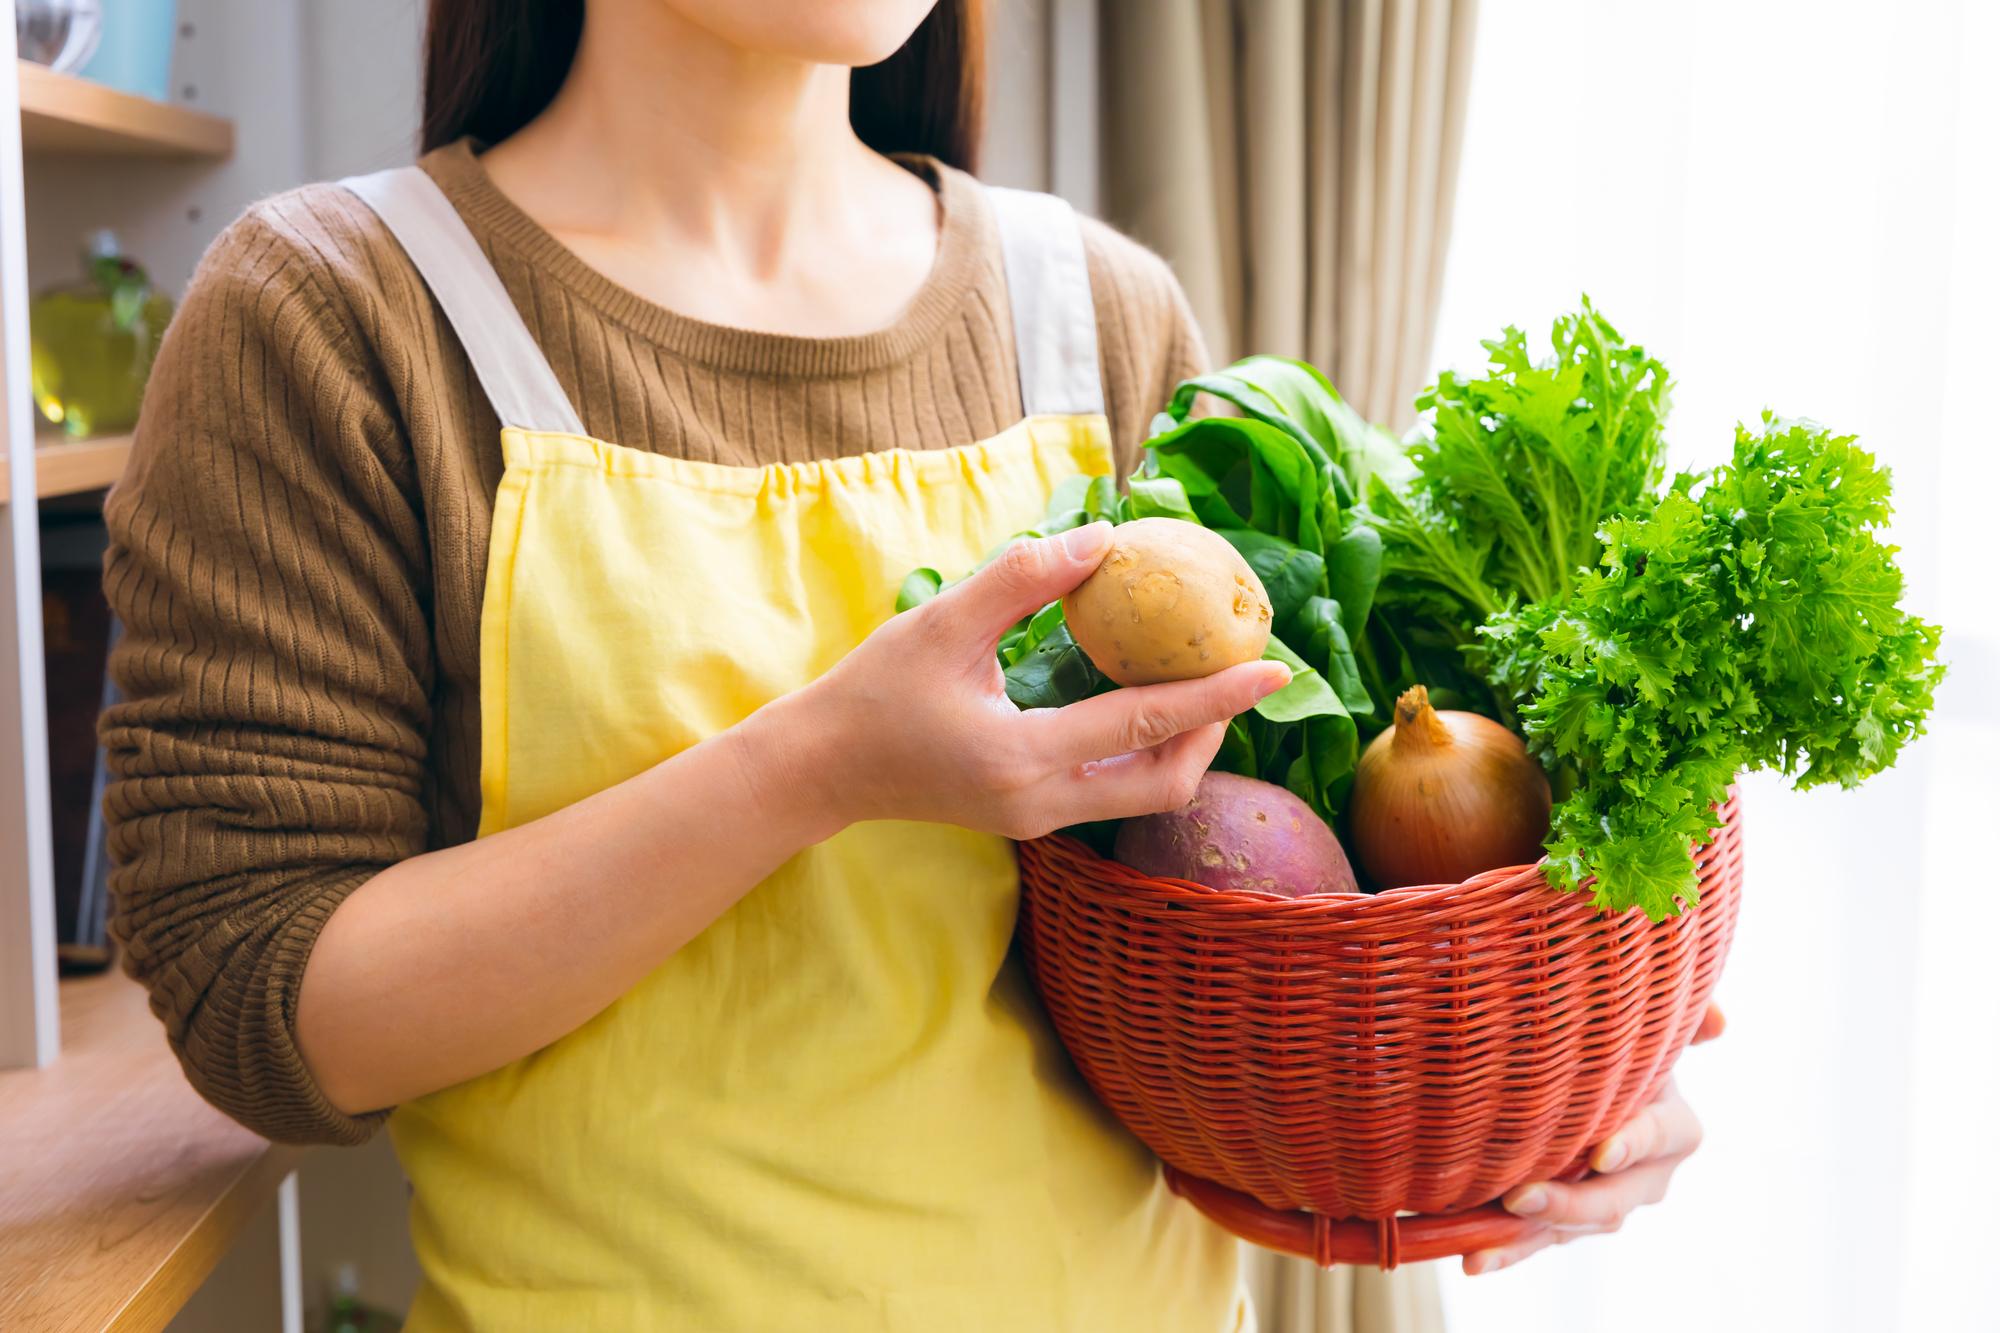 食品ロス 対策方法 ブログ10